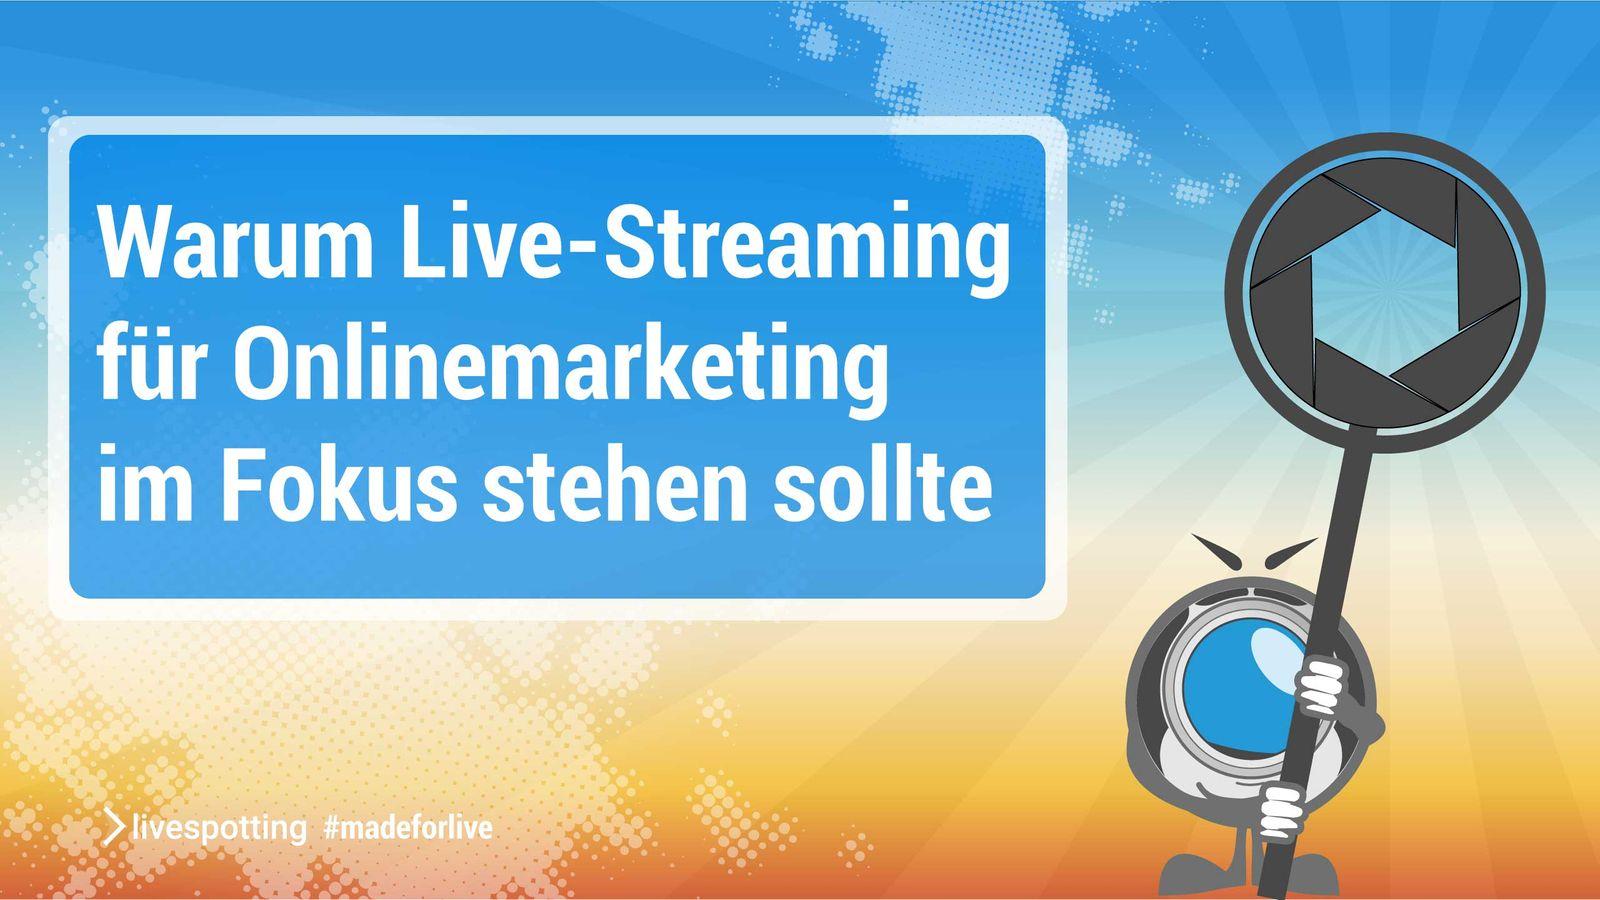 Warum Live-Streaming für Onlinemarketing im Fokus stehen sollte